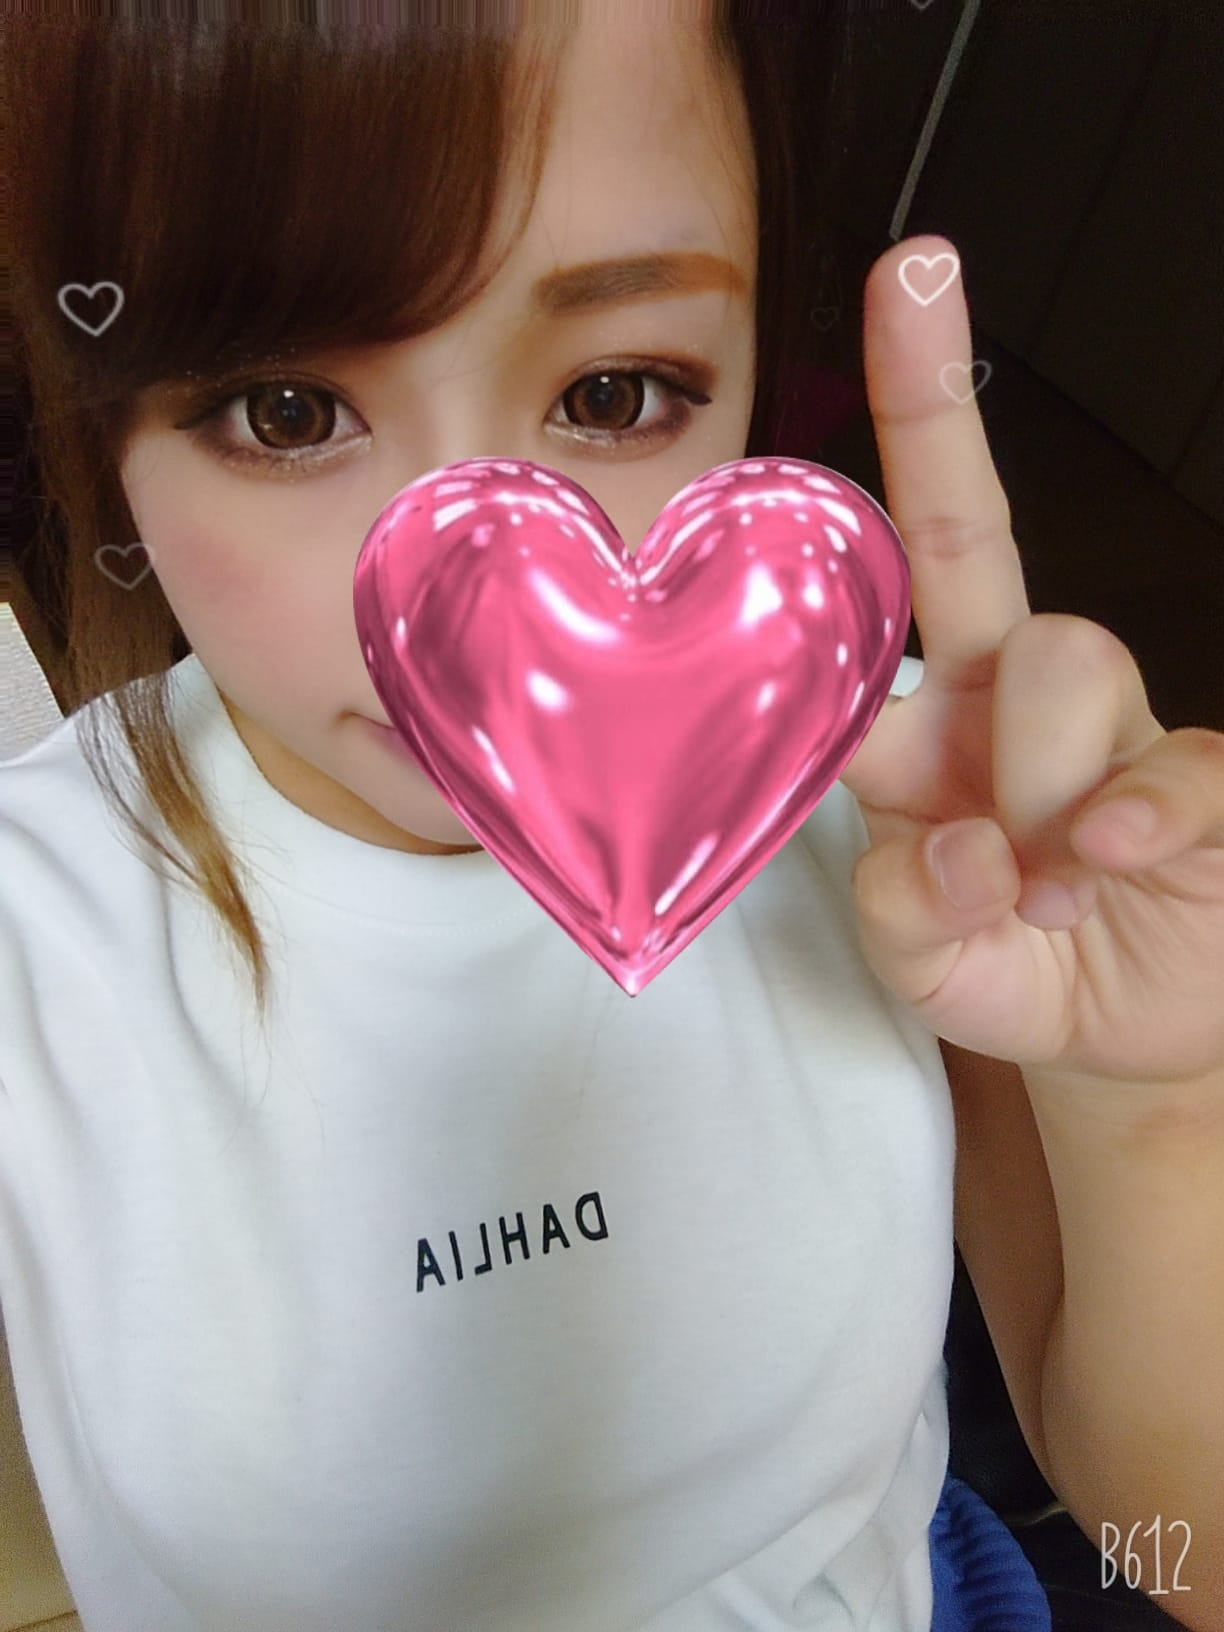 「こんにちわ!✌」09/08(水) 12:12 | ありさの写メ日記